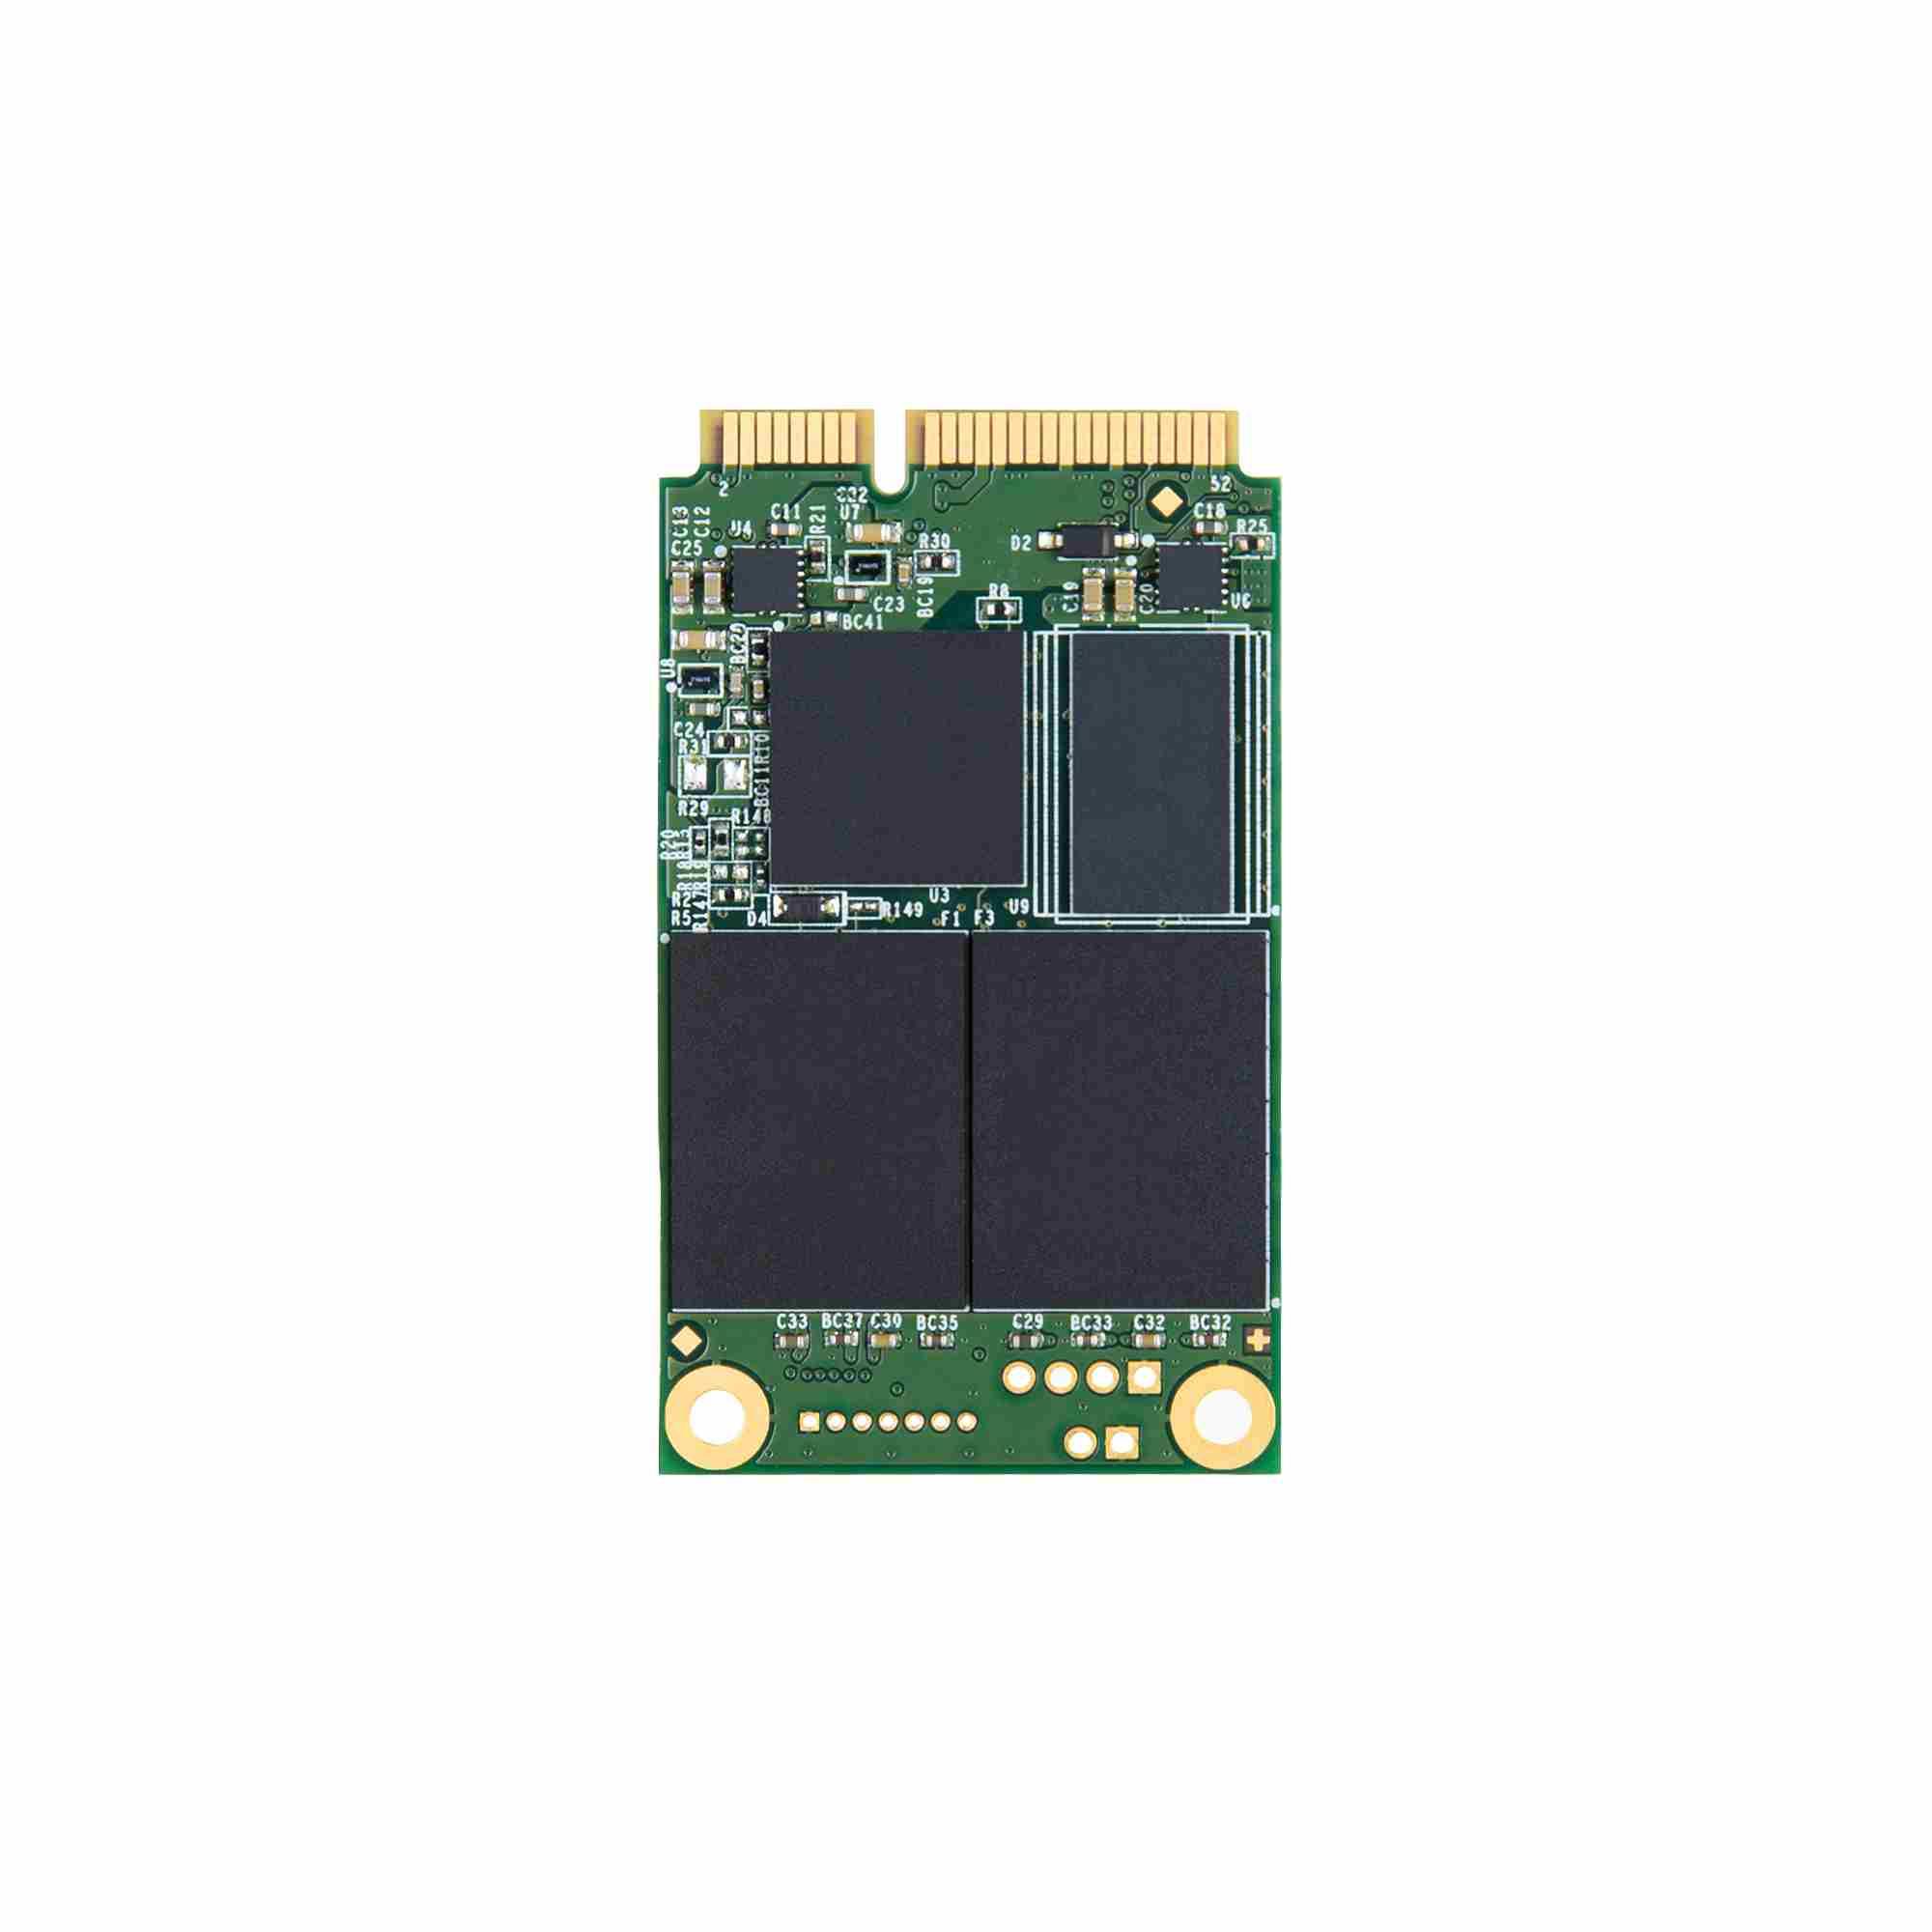 TRANSCEND Industrial SSD MSA370, 16GB, SATA III 6G mSATA, MLC (TS16GMSA370)